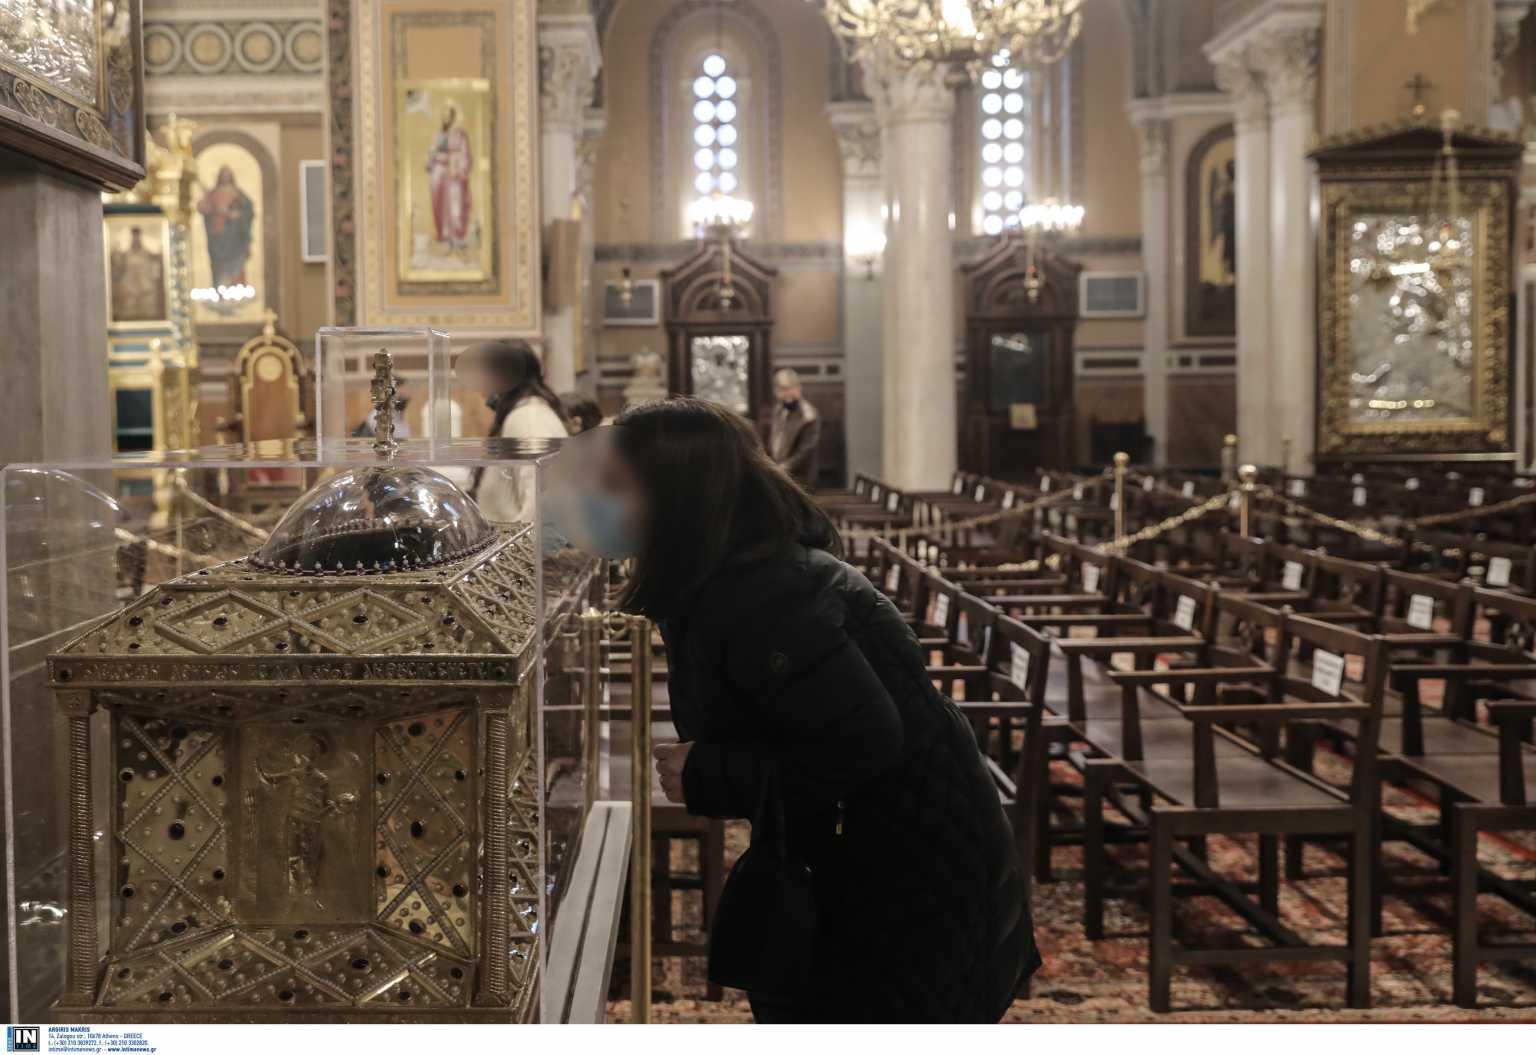 Βροχή τα πρόστιμα σε όλη την χώρα – Οι ιερείς που έκαναν μνημόσυνα και τα πάρτι που στοίχισαν κάτι παραπάνω